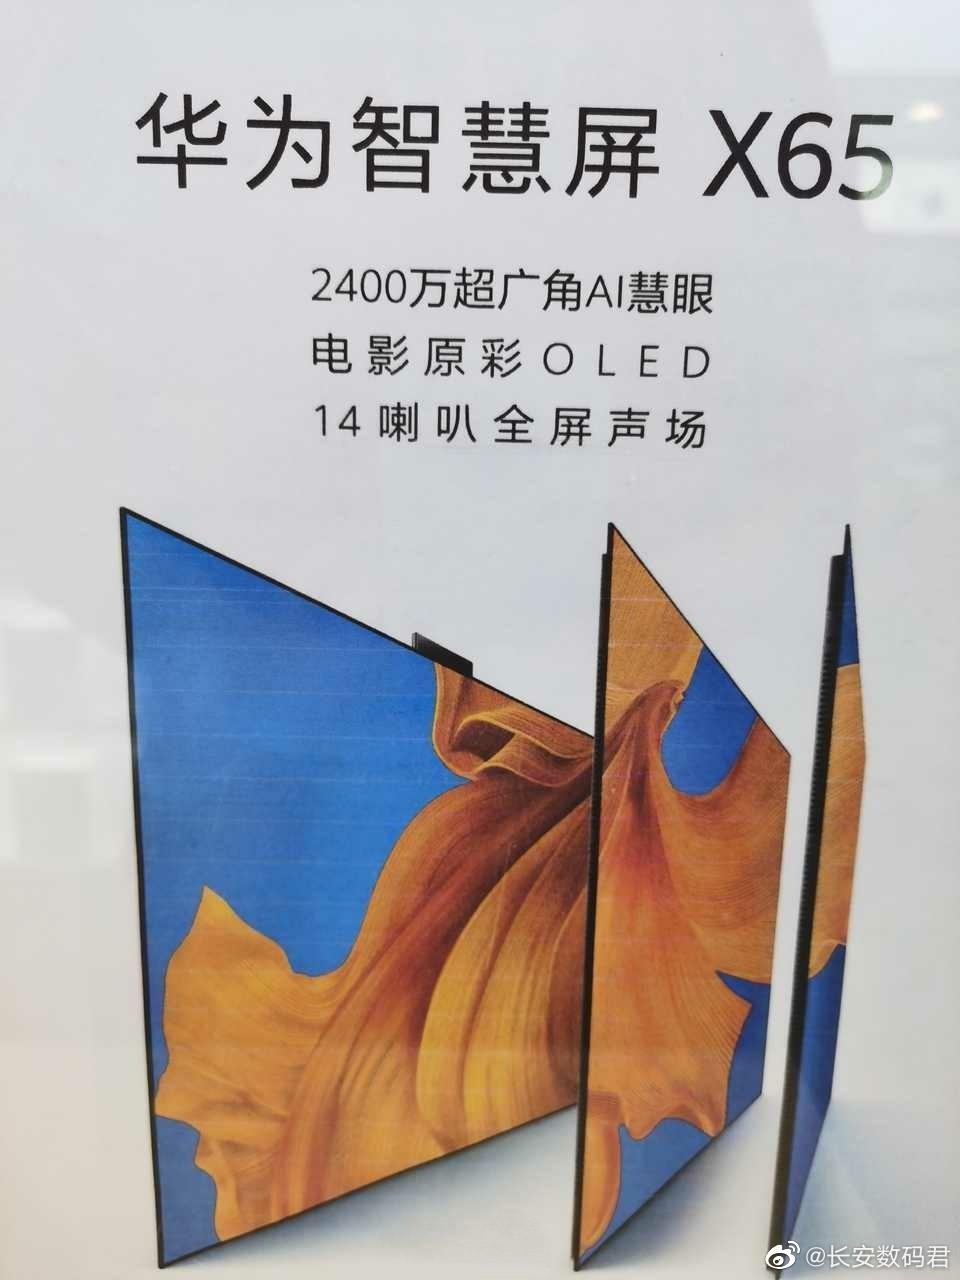 TV OLED đầu tiên của Huawei sắp ra mắt: 65 inch, 14 loa dưới màn hình ảnh 1